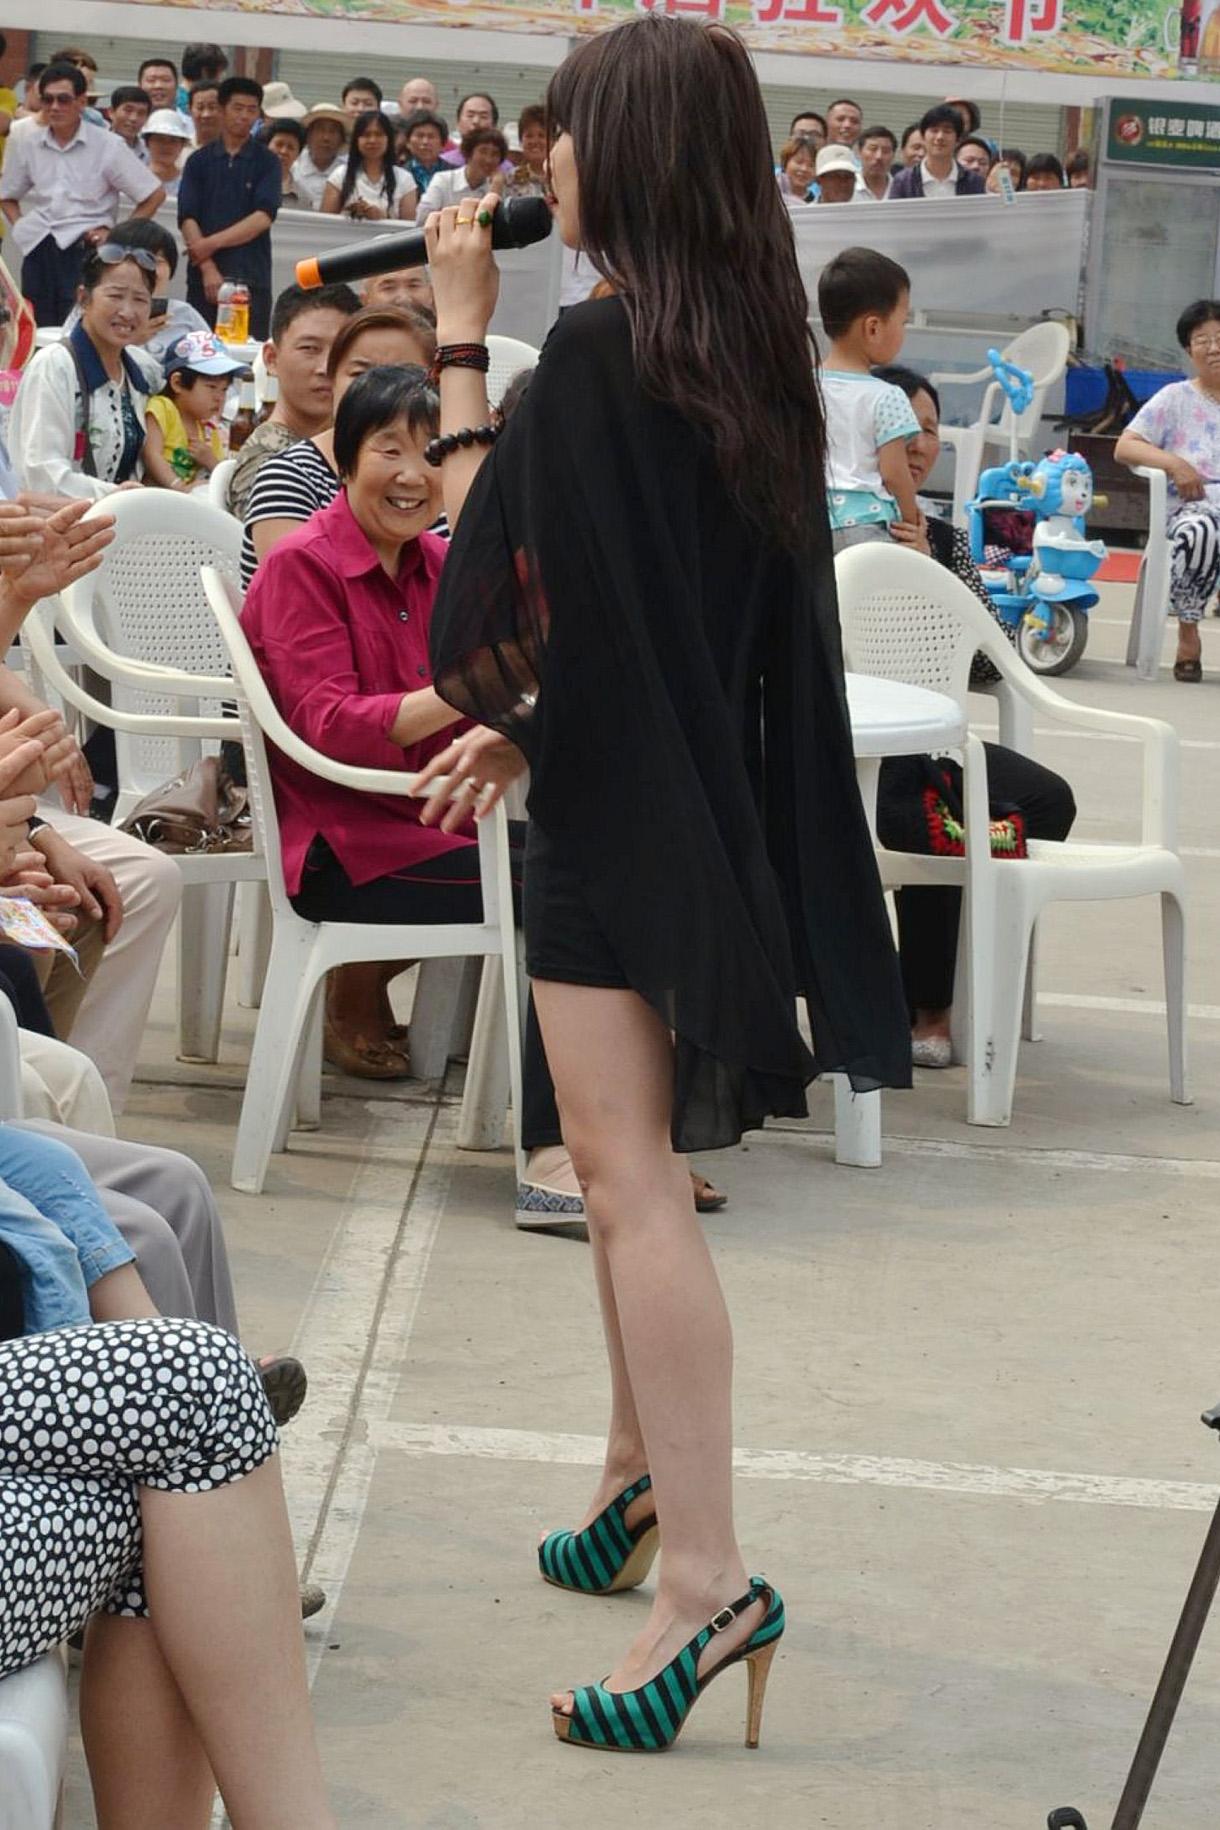 黑屌16p_劲舞高歌的美女不小心裙底走光了[16p]